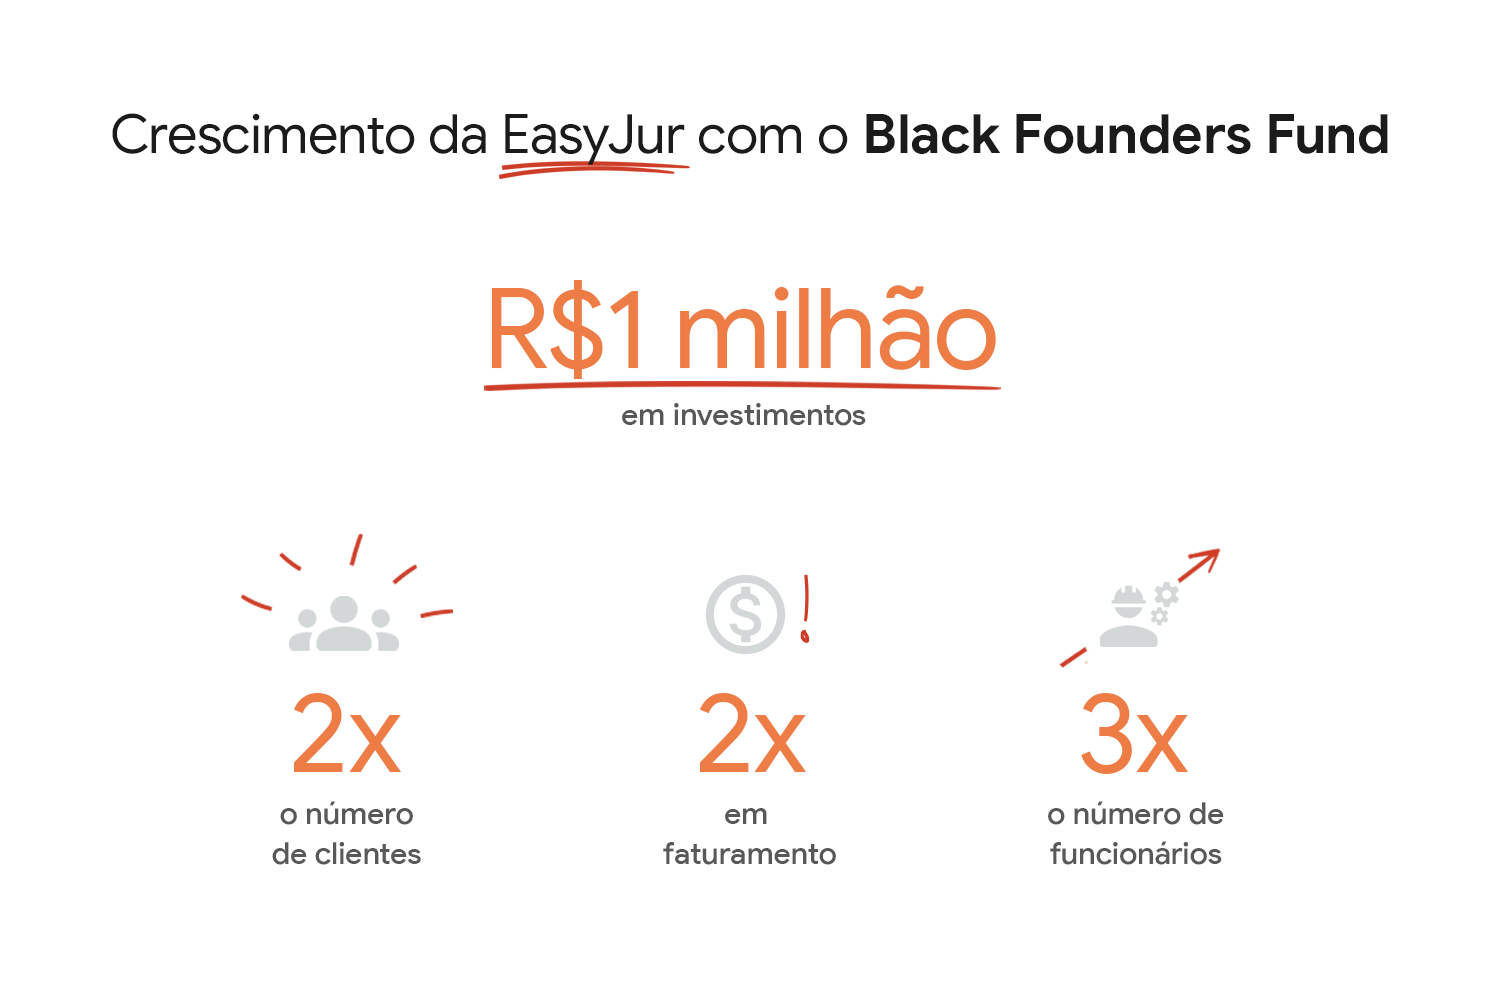 Números que demonstram a evolução da EasyJur após receber o investimento do Black Founders Fund.